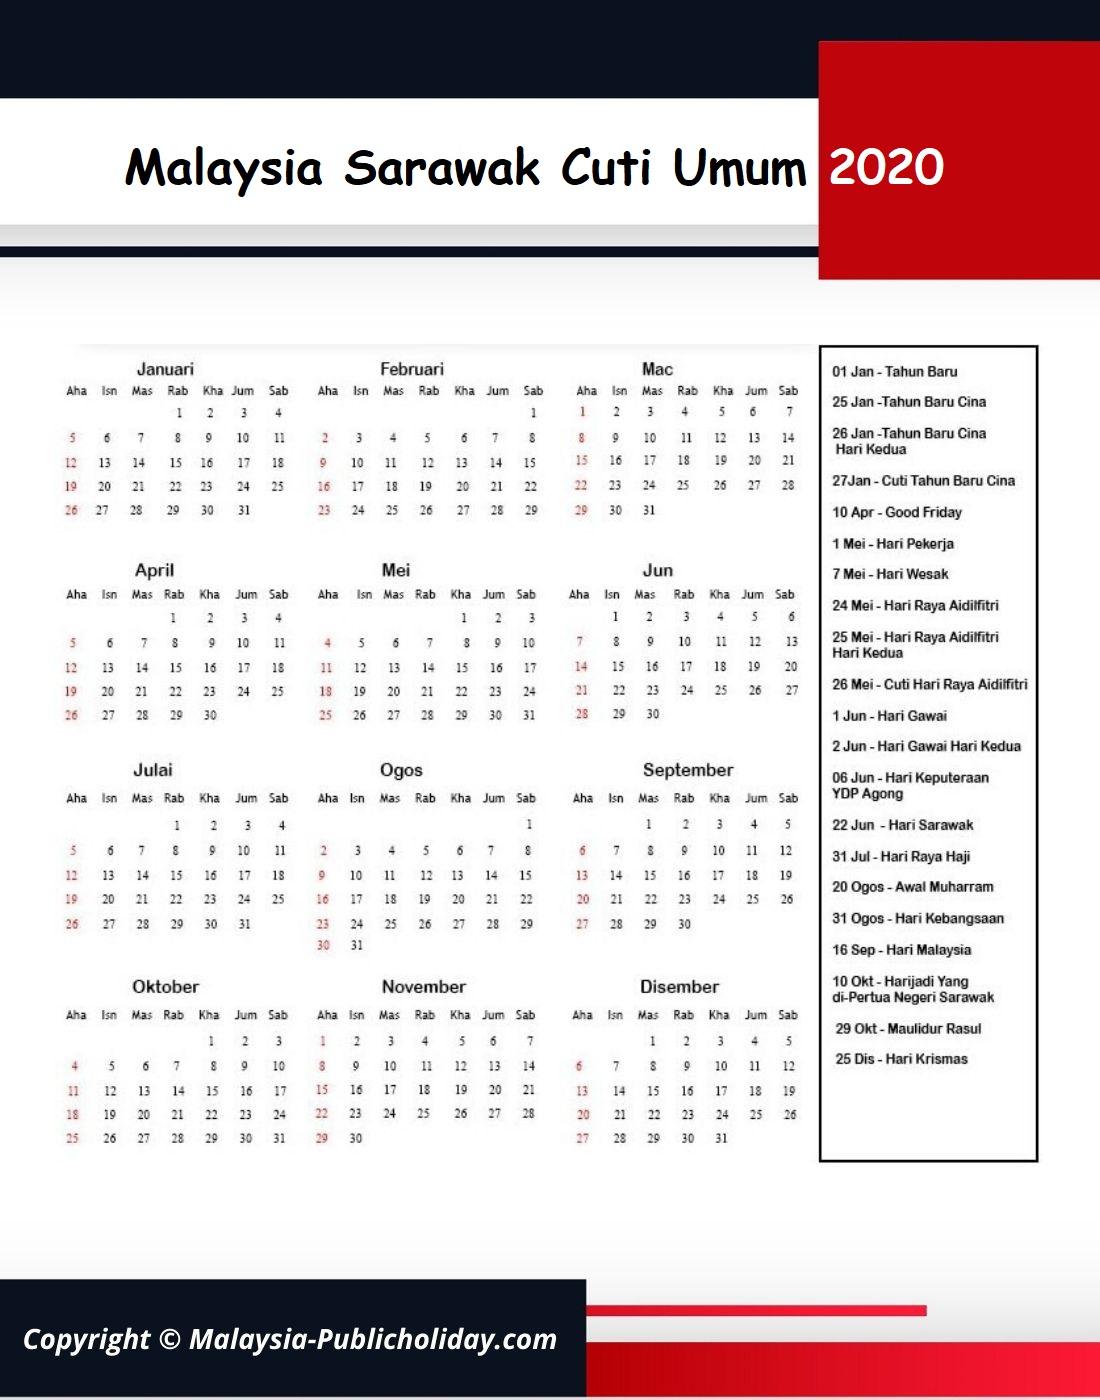 Cuti Umum Sarawak 2020 Malaysia